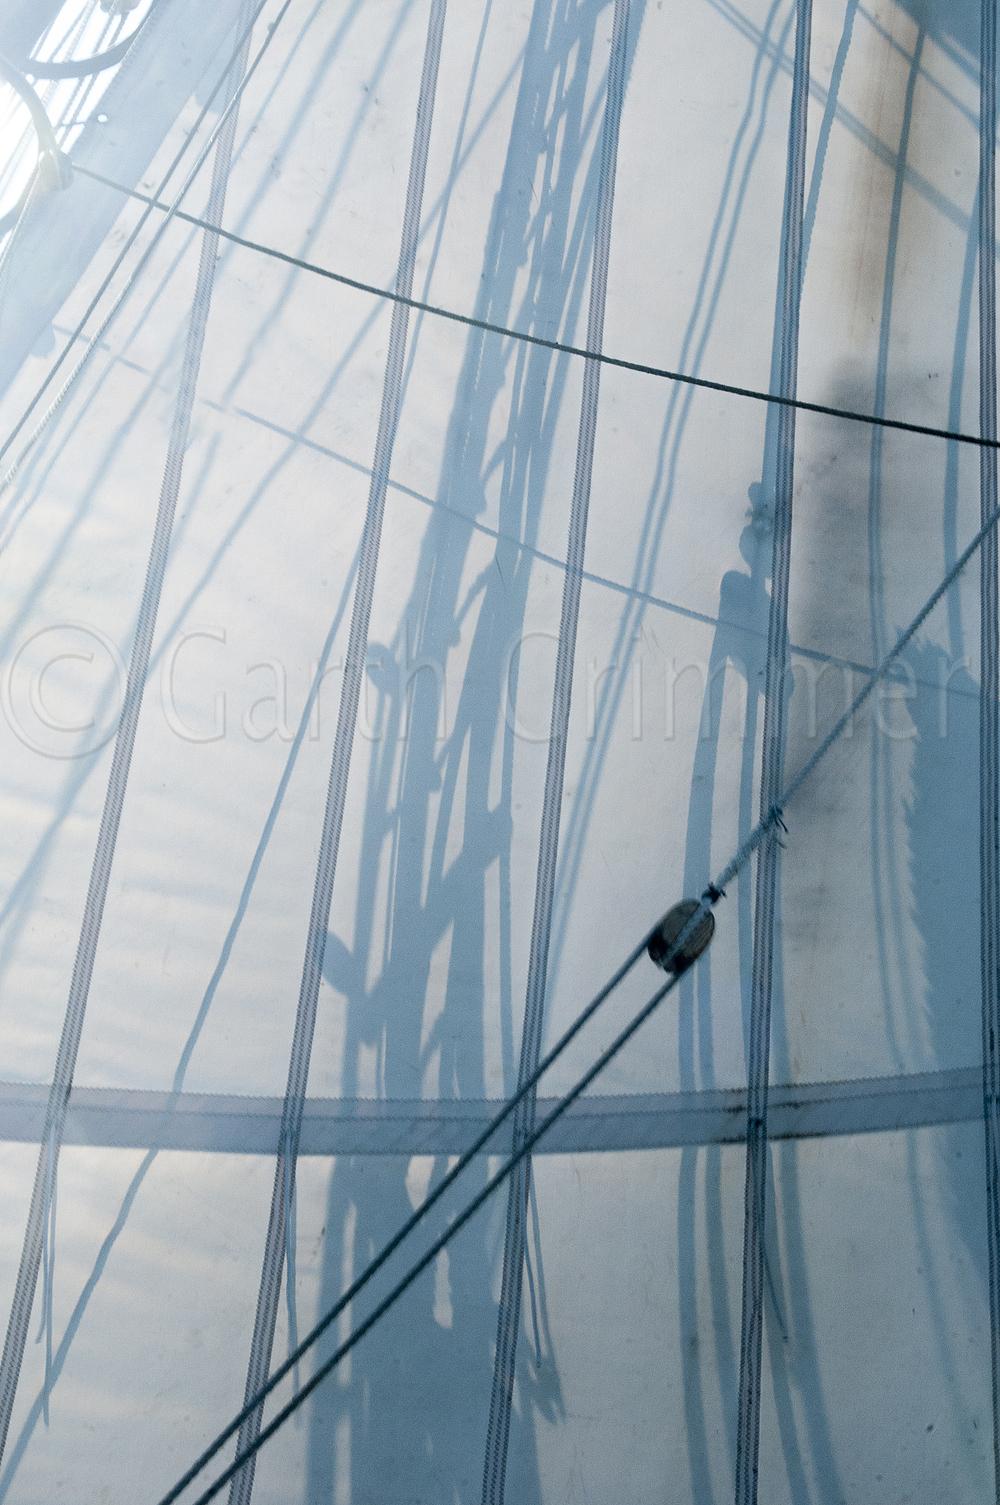 Shadows on the sail of tall ship Lynx